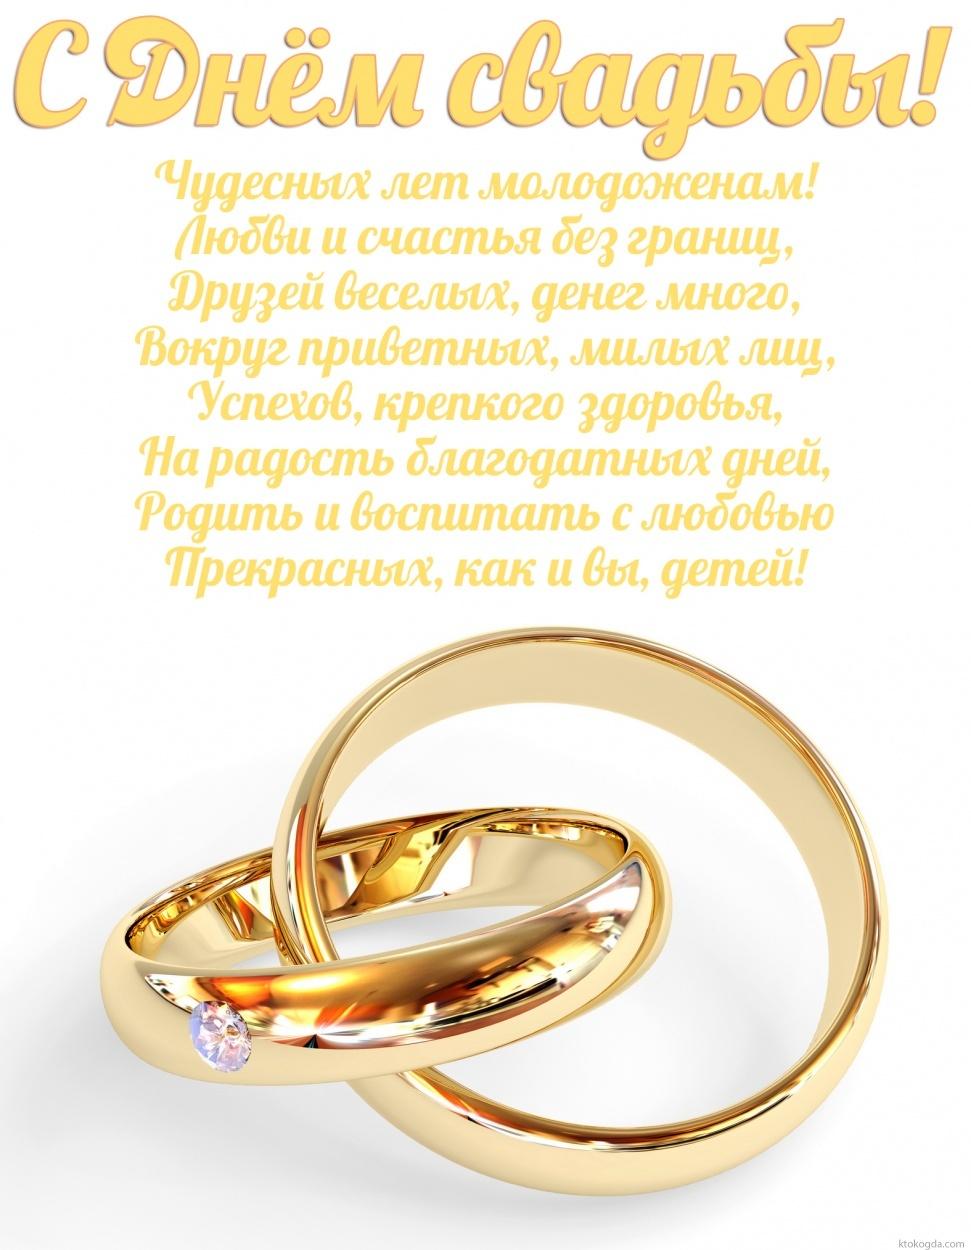 Свадьба своими словами для родителей поздравления с